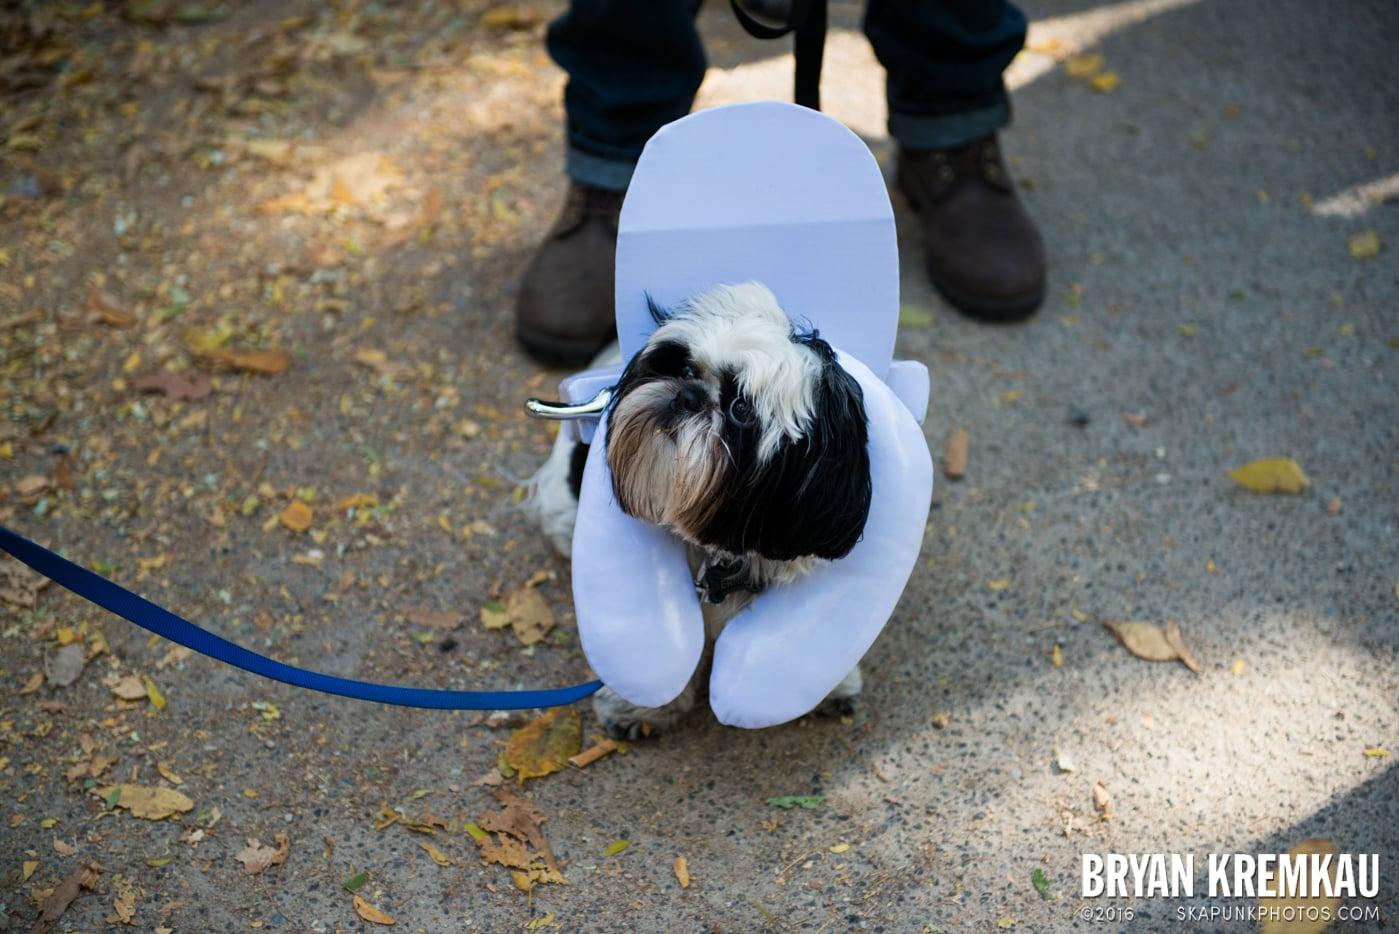 Tompkins Square Halloween Dog Parade 2013 @ Tompkins Square Park, NYC - 10.26.13 (12)